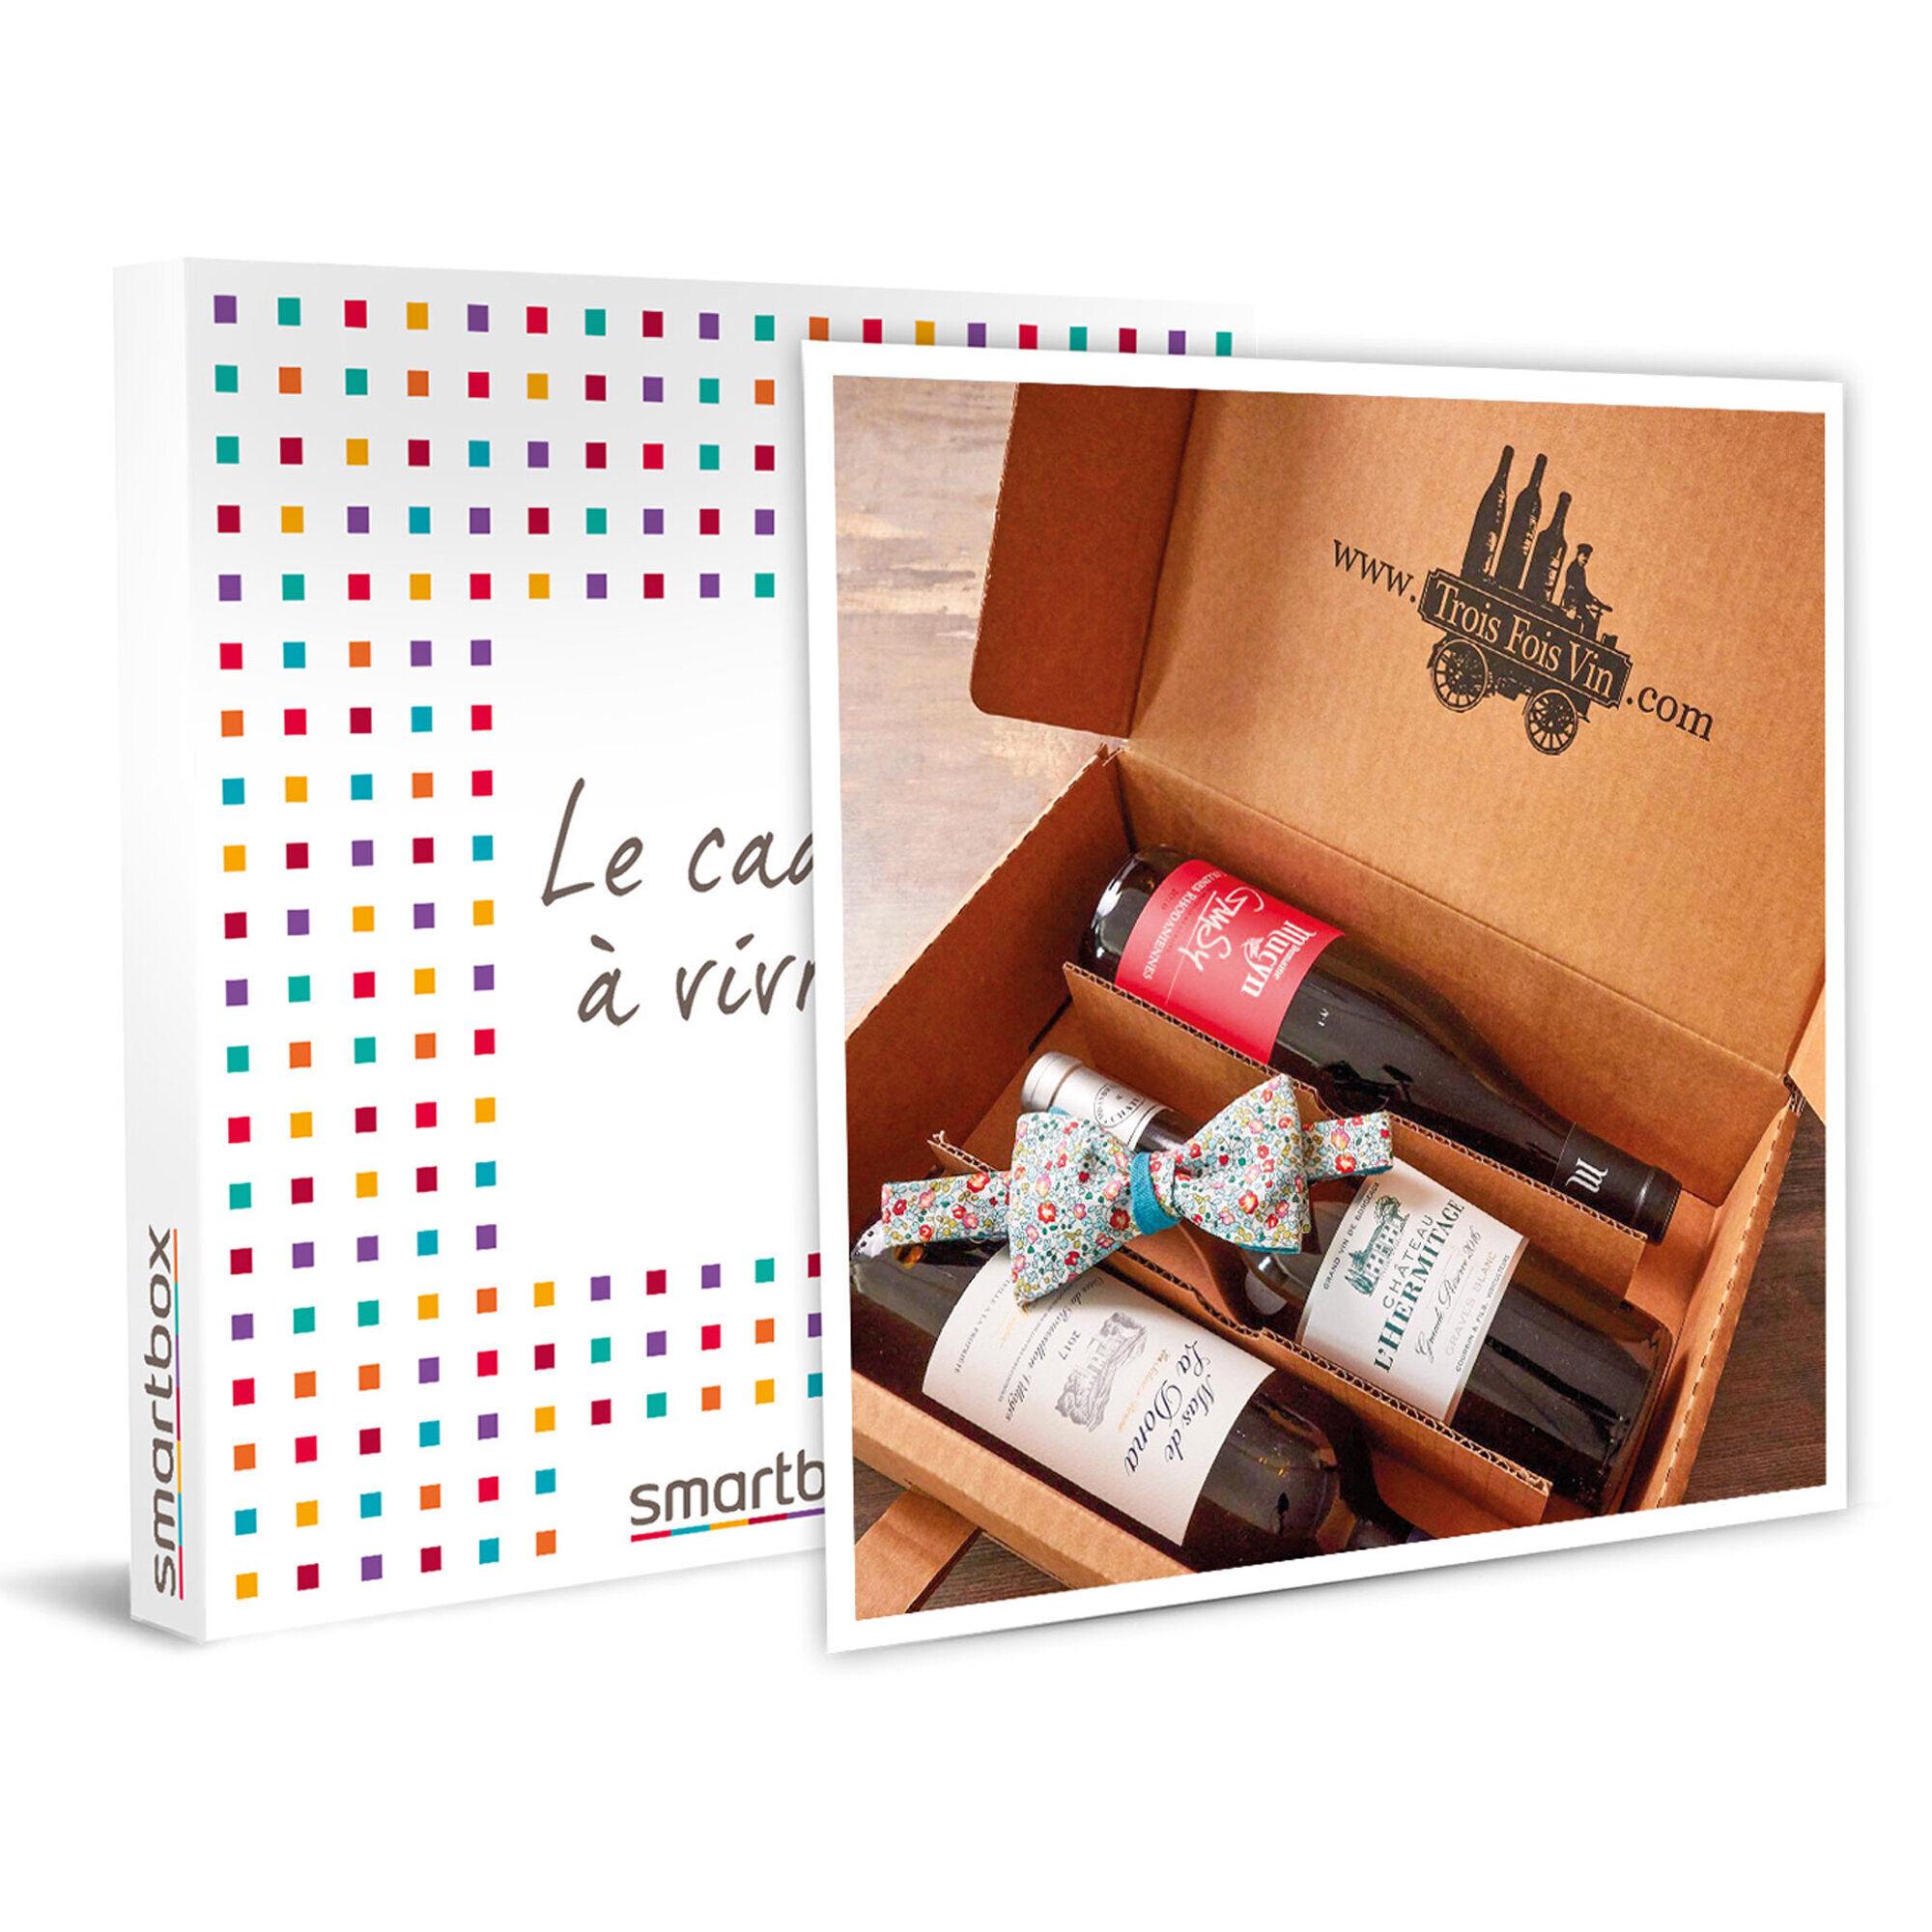 Smartbox Livraison mensuelle d'1 coffret de 3 bouteilles de vins et 1 livret dégustation pendant 3 mois Coffret cadeau Smartbox